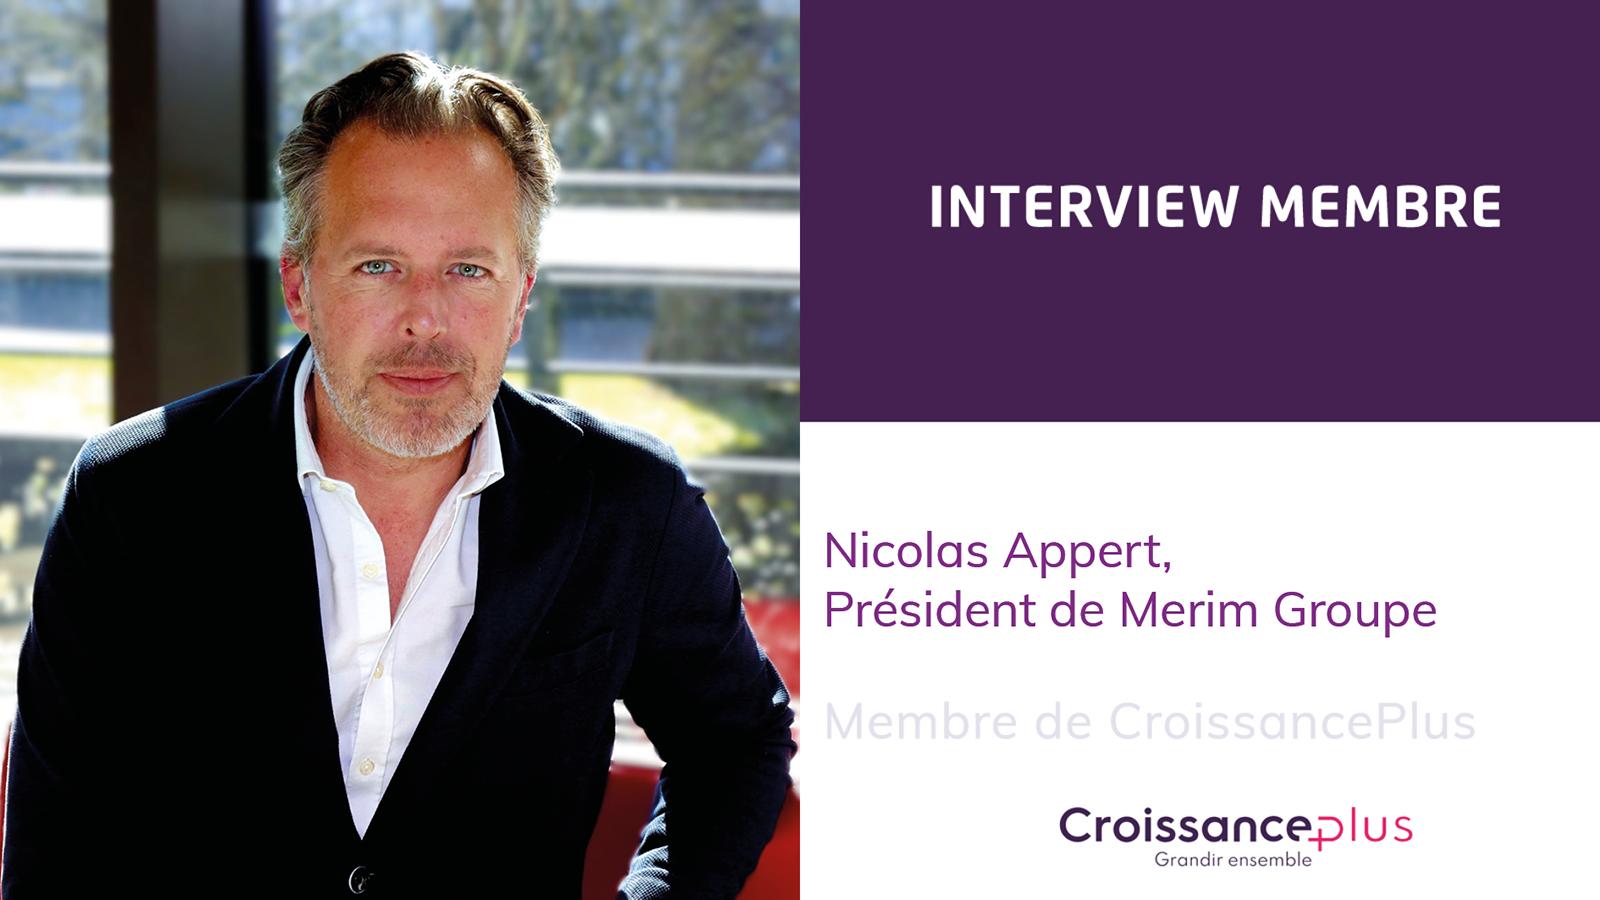 Découvrez Nicolas Appert, Président de Merim Groupe